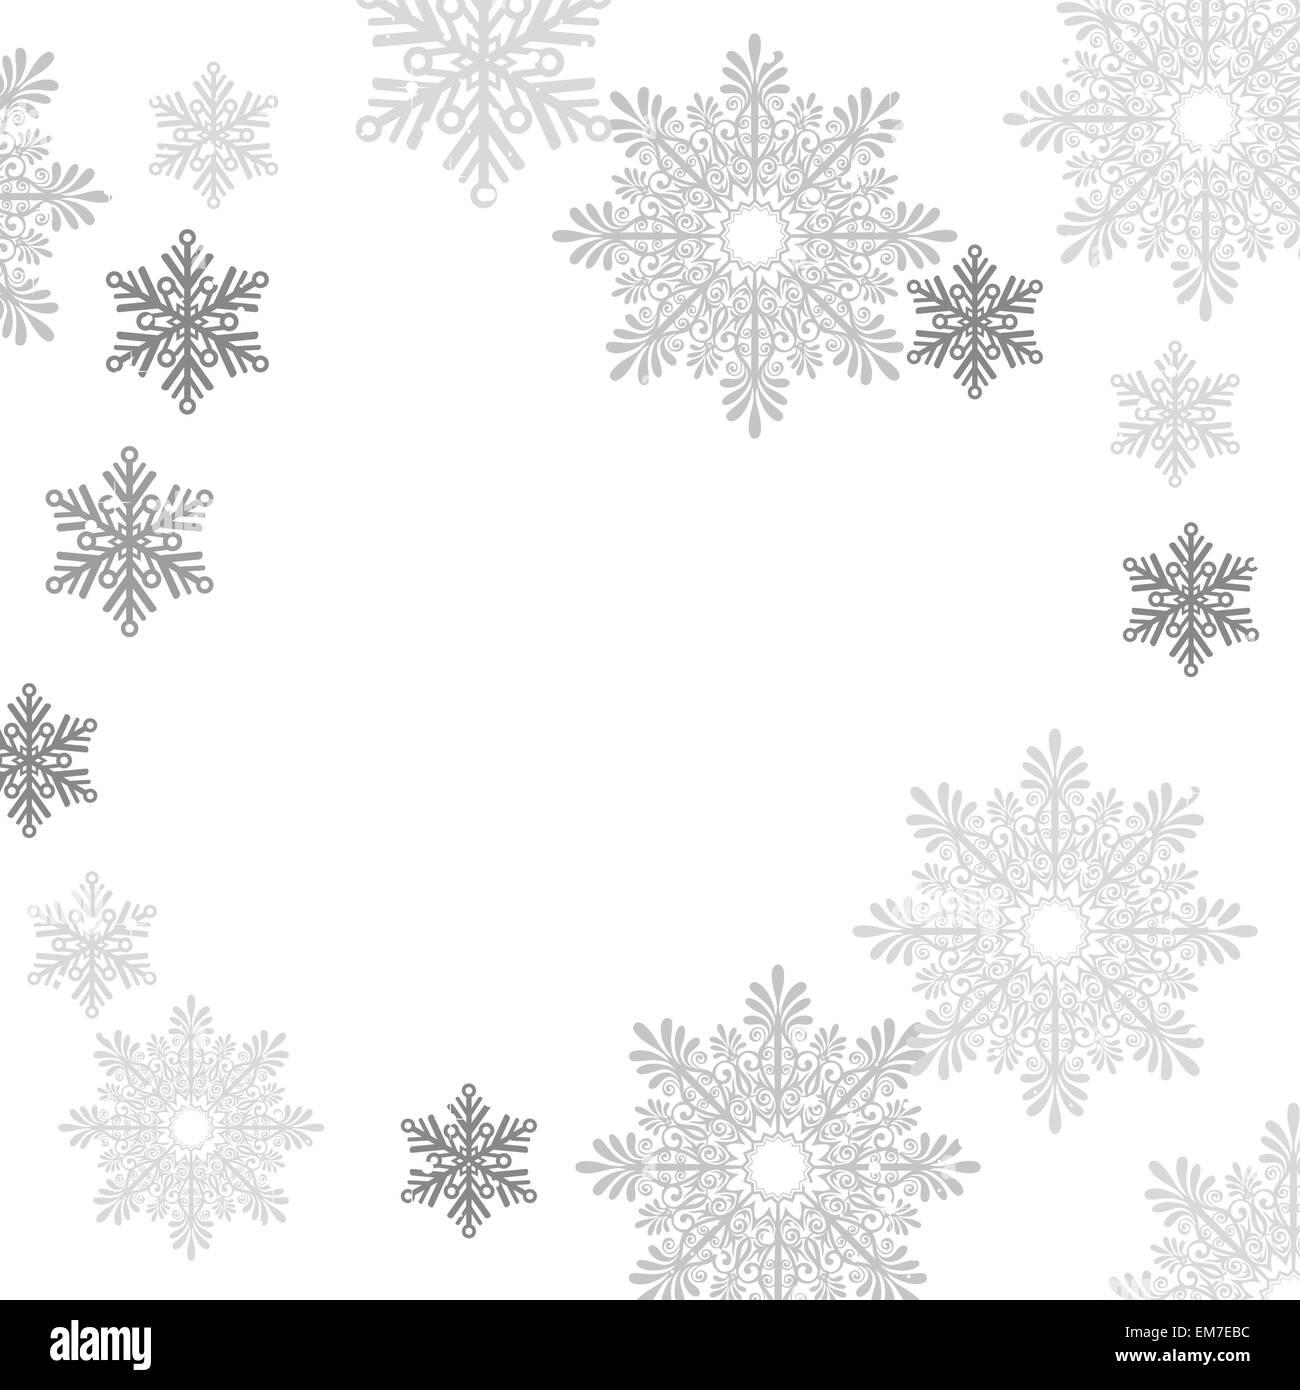 Insieme di vettori di fiocchi di neve Immagini Stock